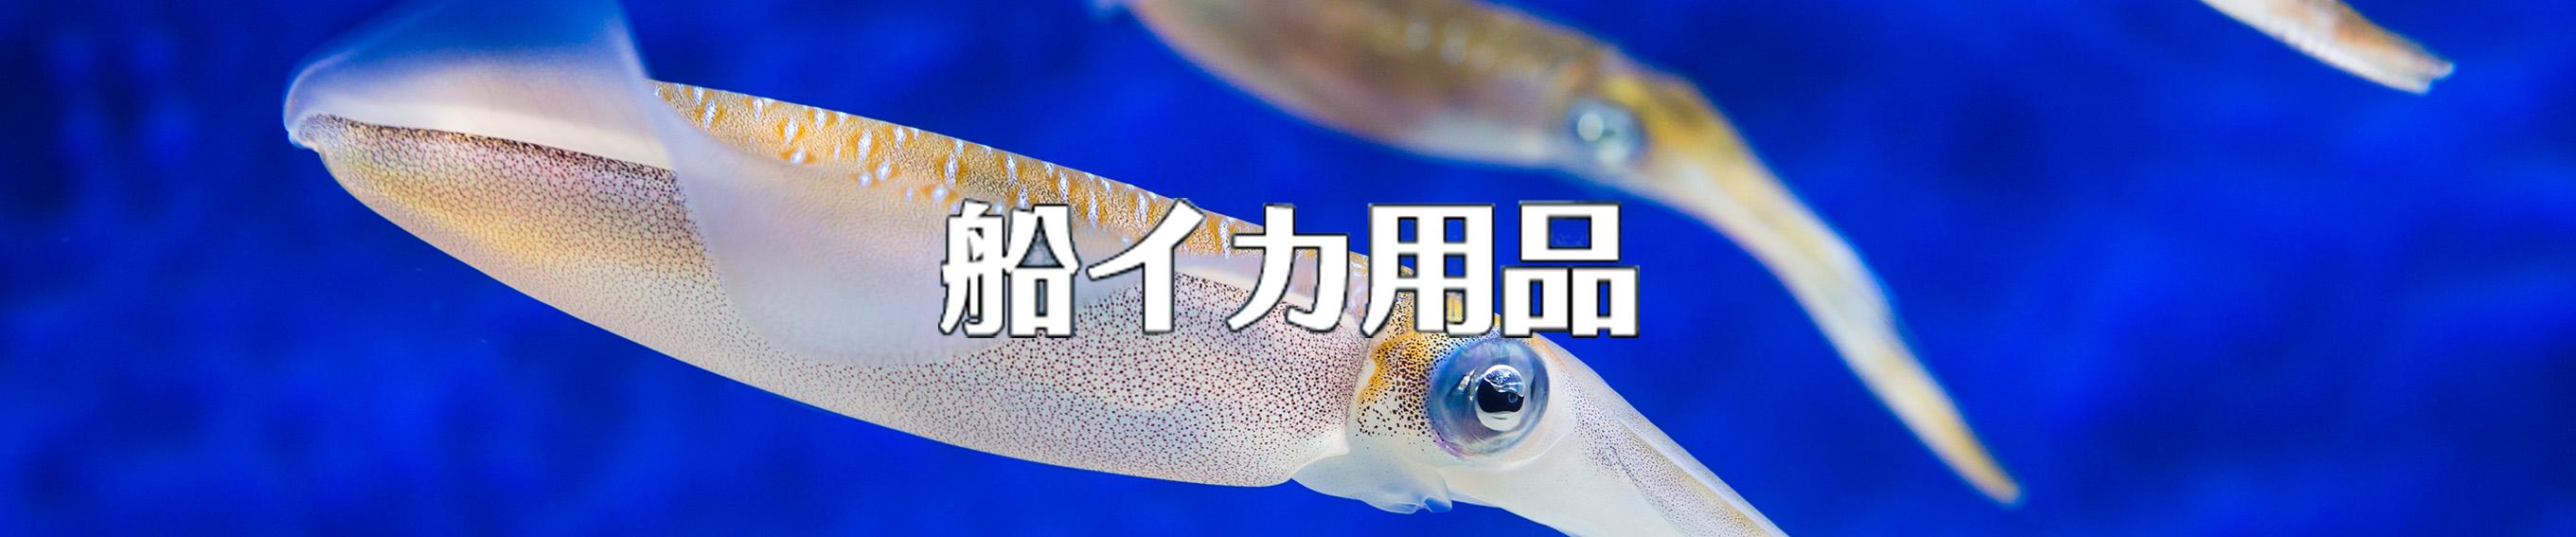 船イカ用品